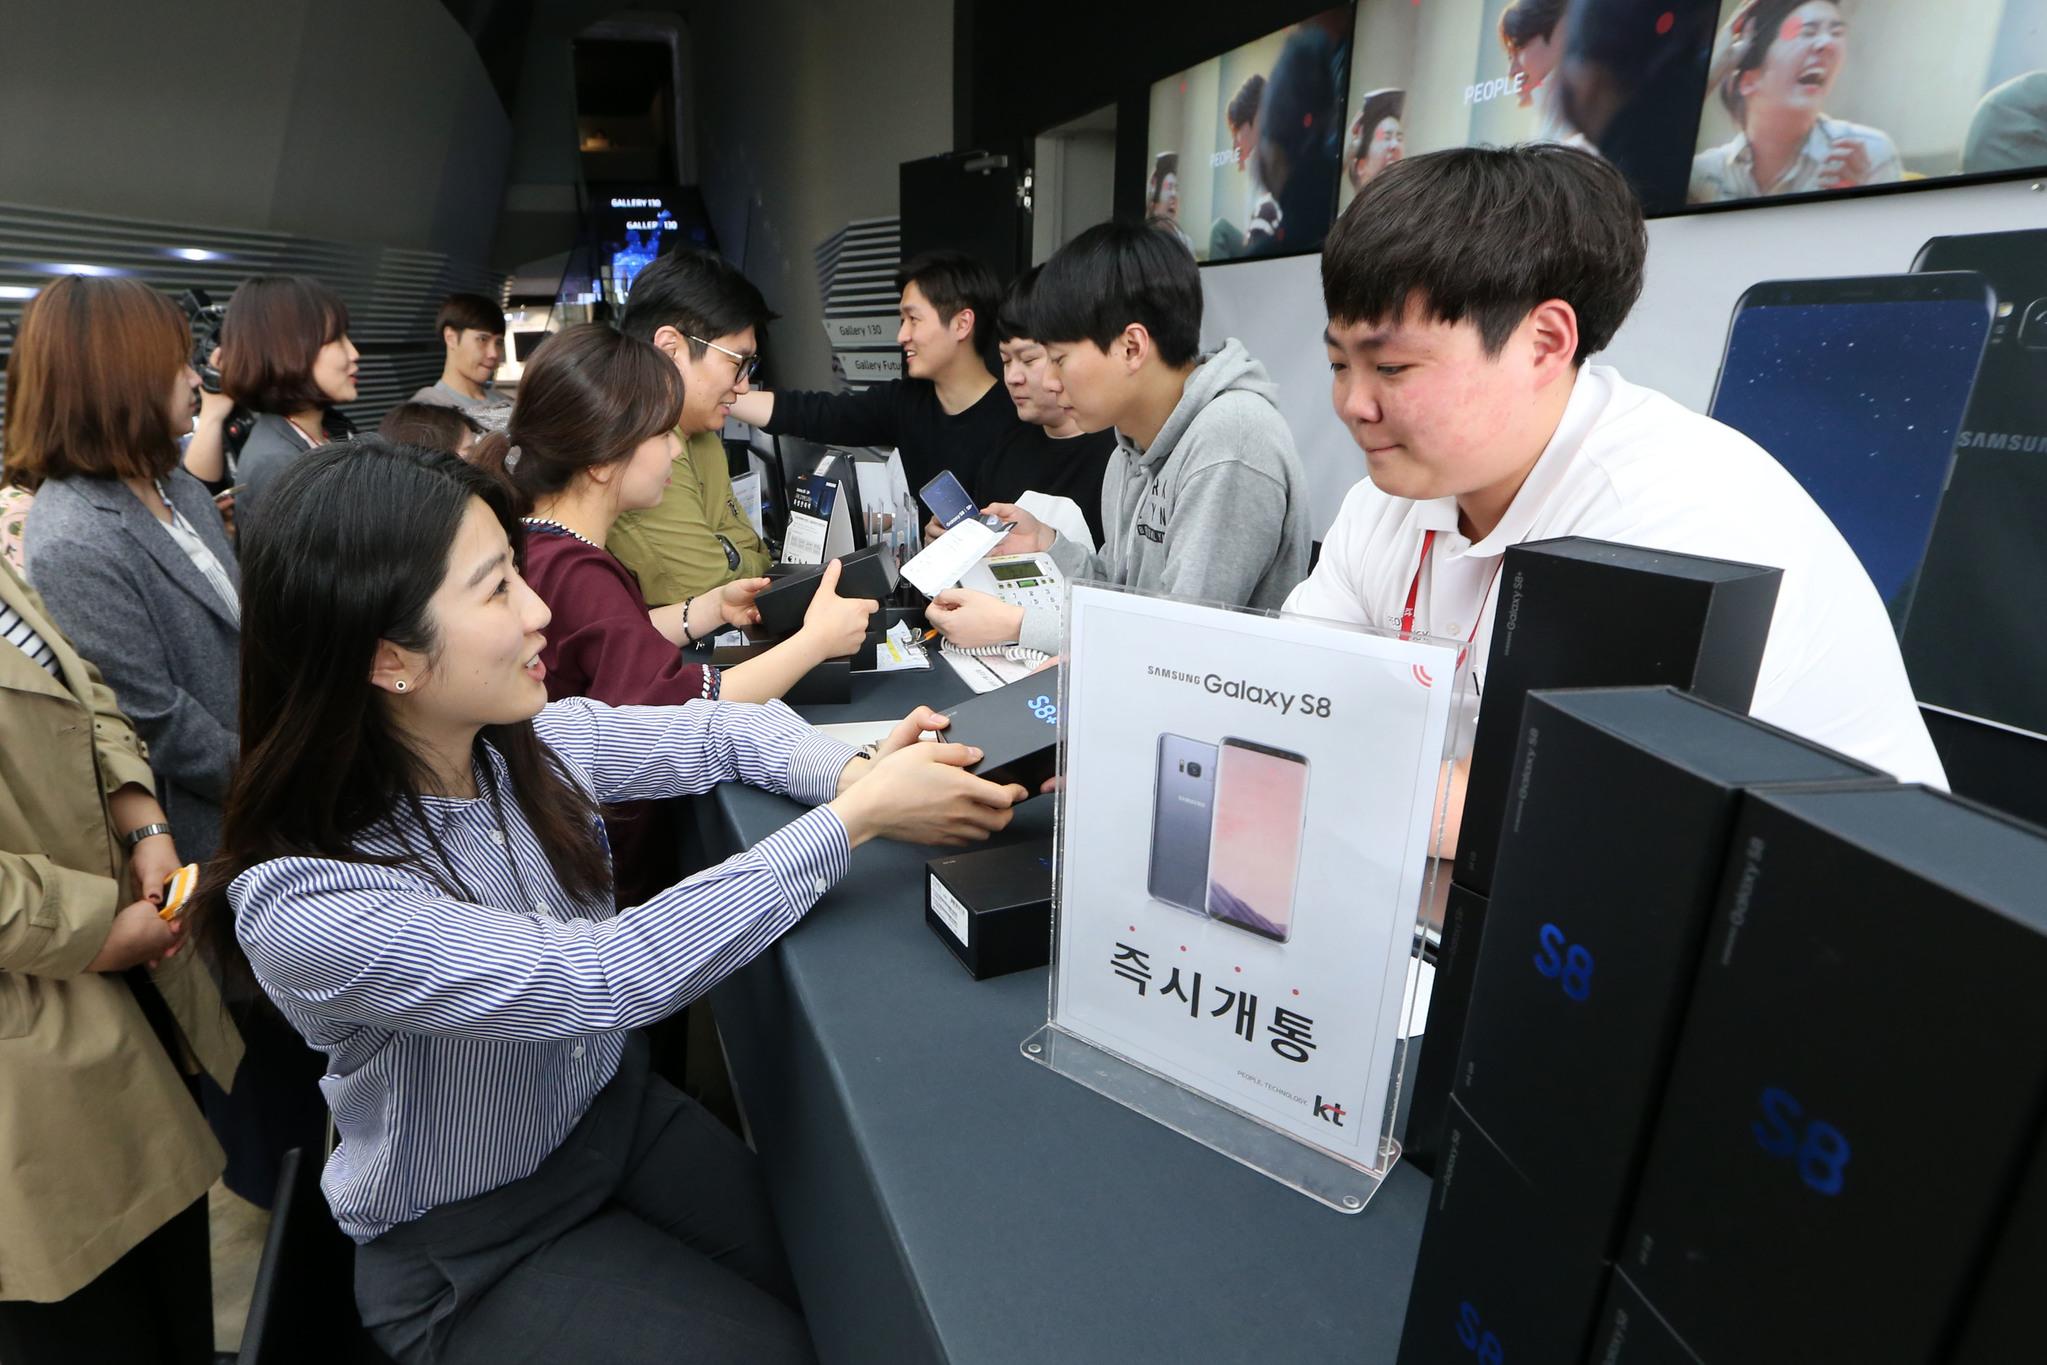 '갤럭시S8'과 '갤럭시S8+ '가 공식 국내출시된 21일 서울 광화문 Kt 스퀘어 매장.조문규 기자